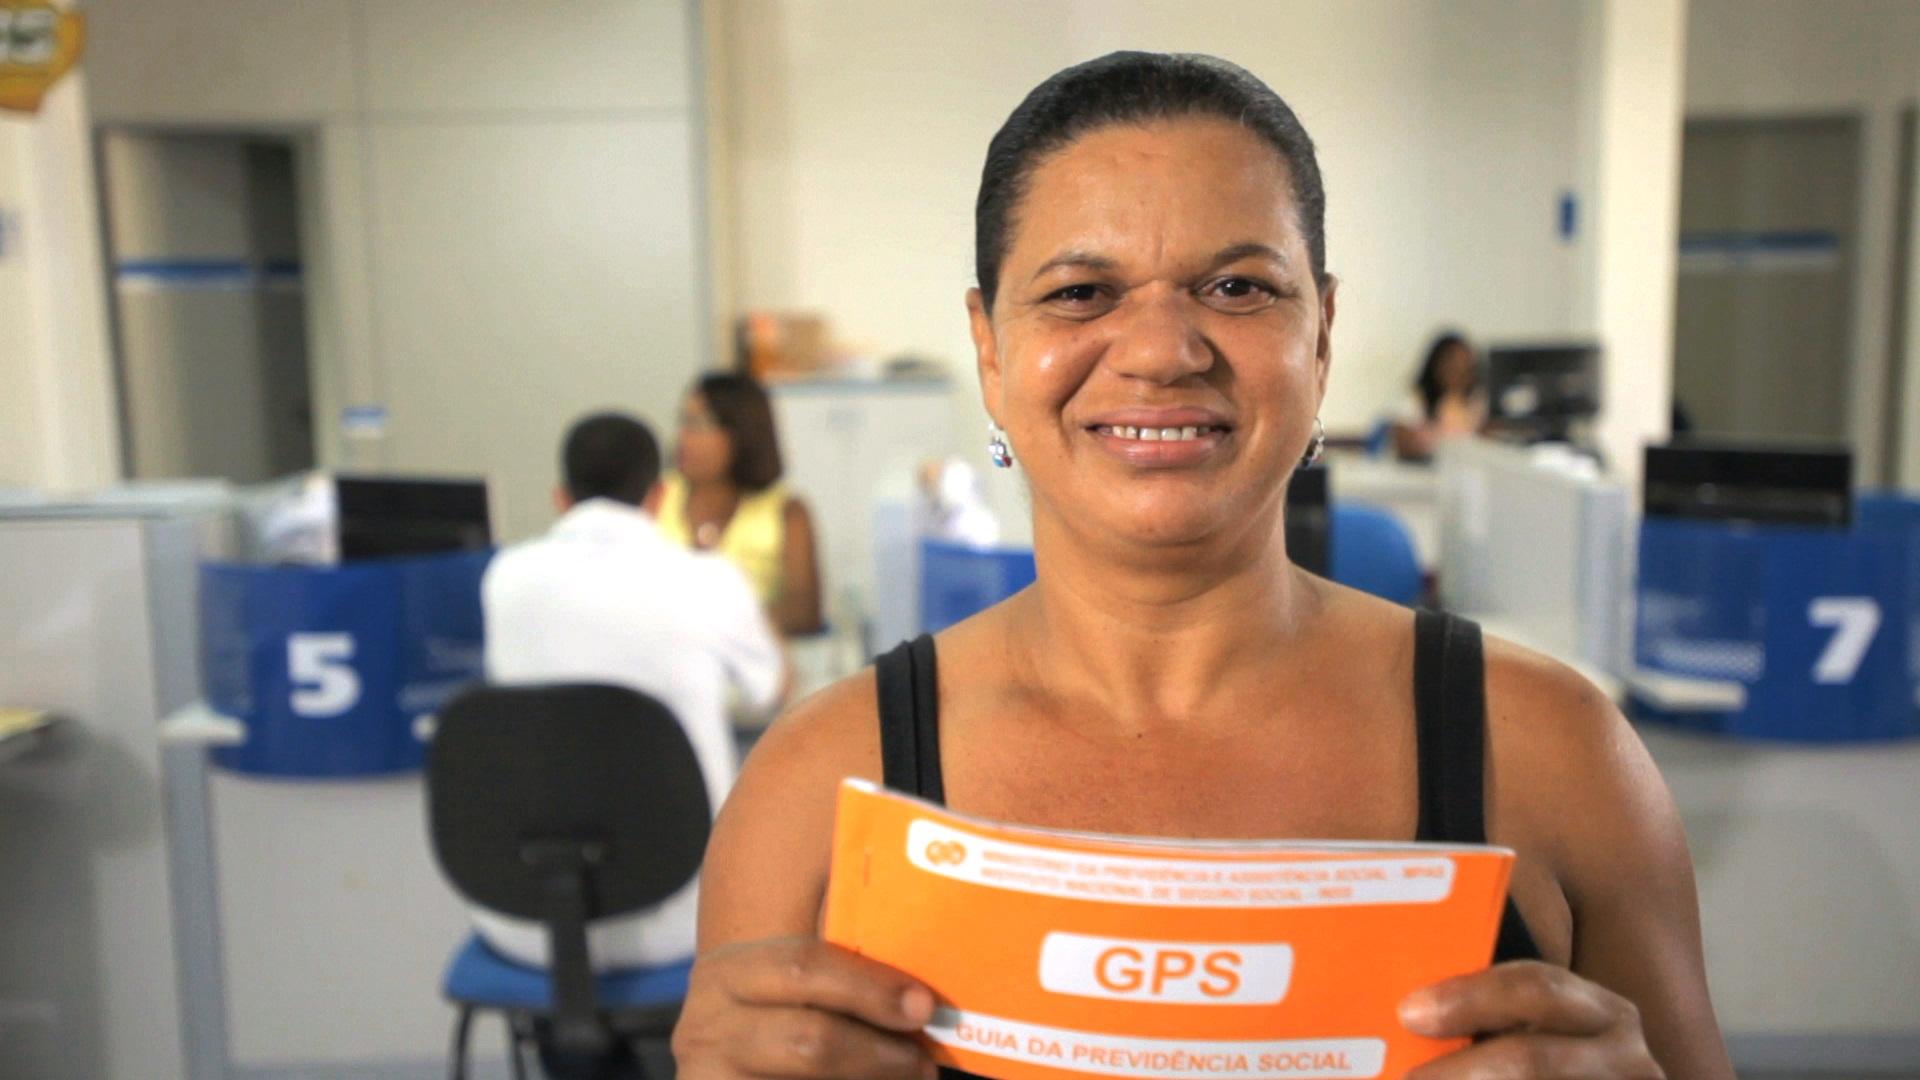 Empregador domestico deve informar competência 13 na Guia de Previdência Social.